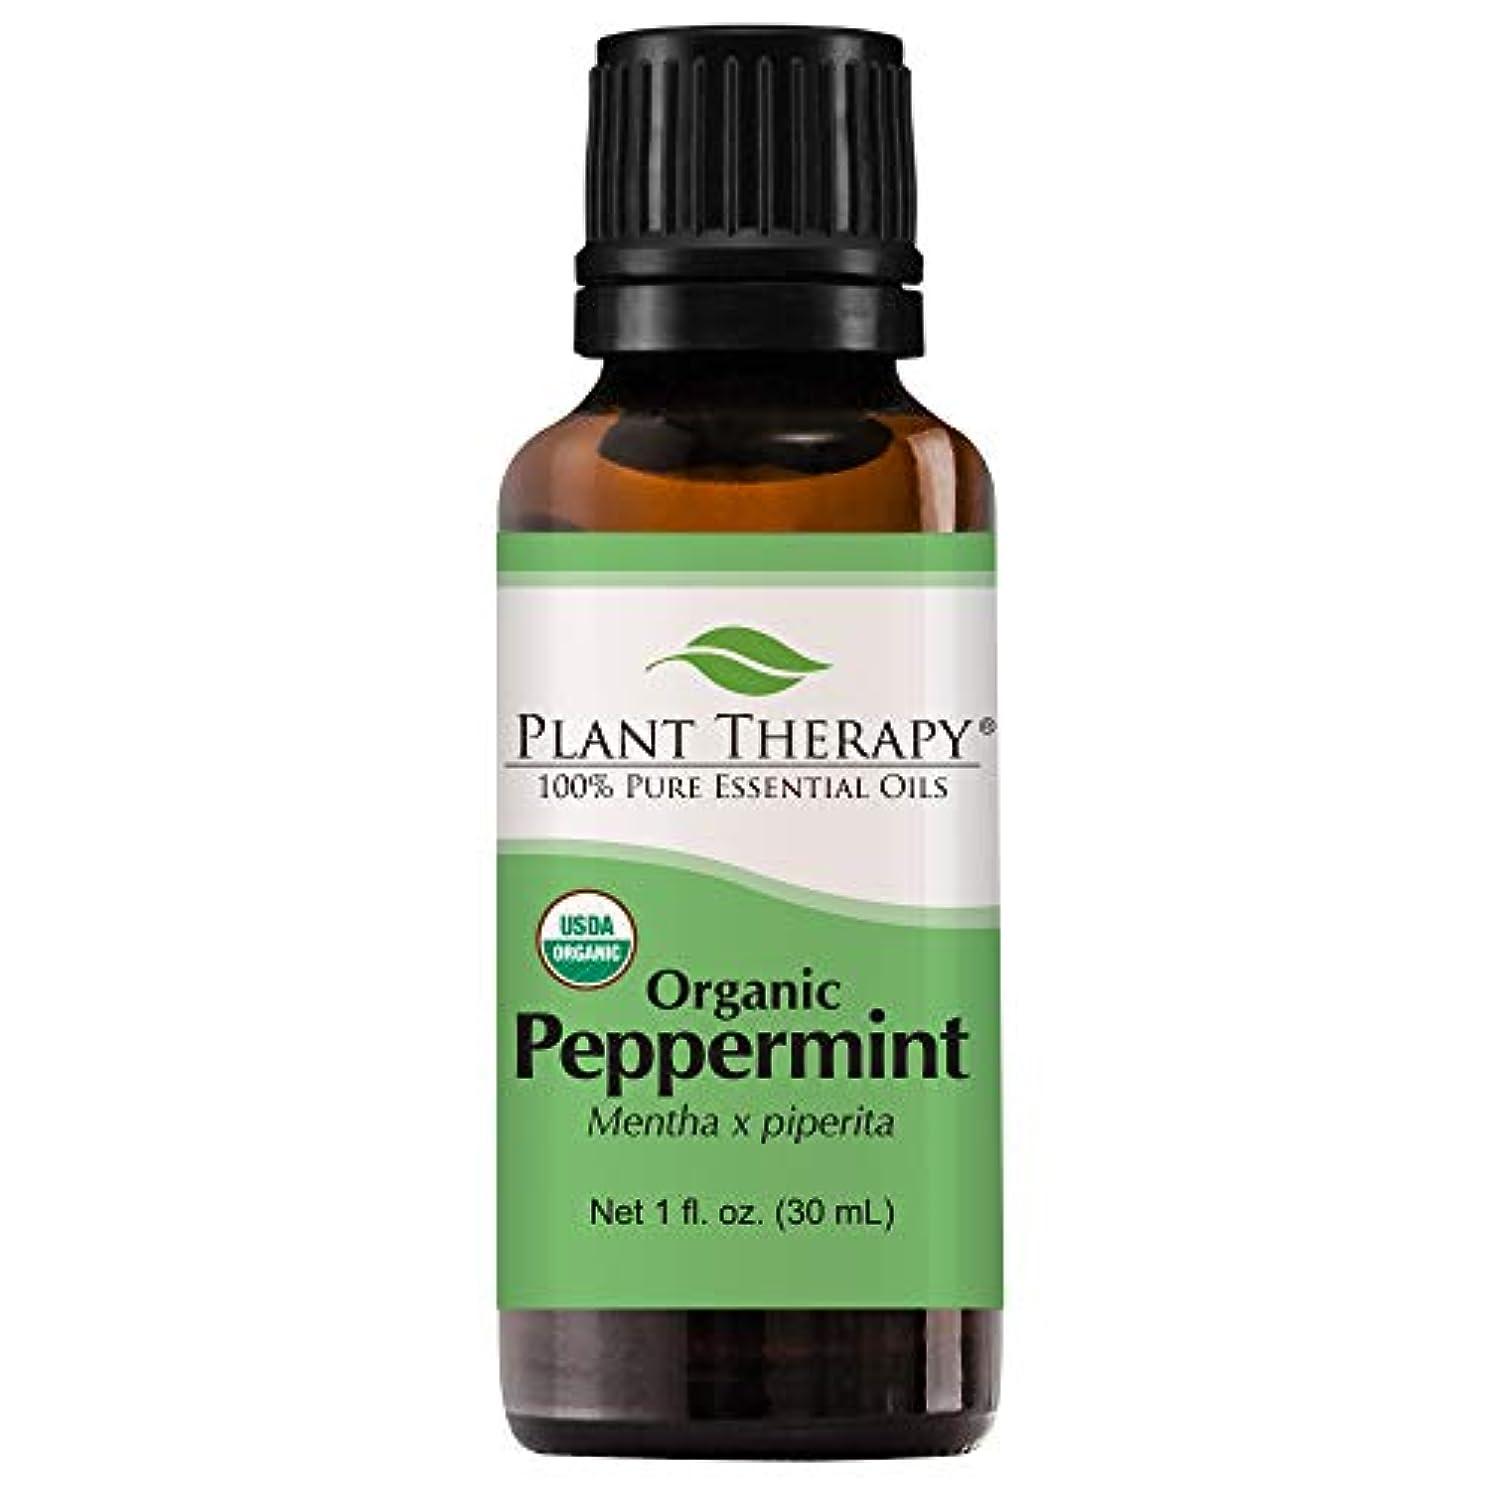 億気絶させる桁植物セラピーUSDA認定オーガニックペパーミントエッセンシャルオイル。 100%ピュア、希釈していない、治療グレード。 30mLの(1オンス)。